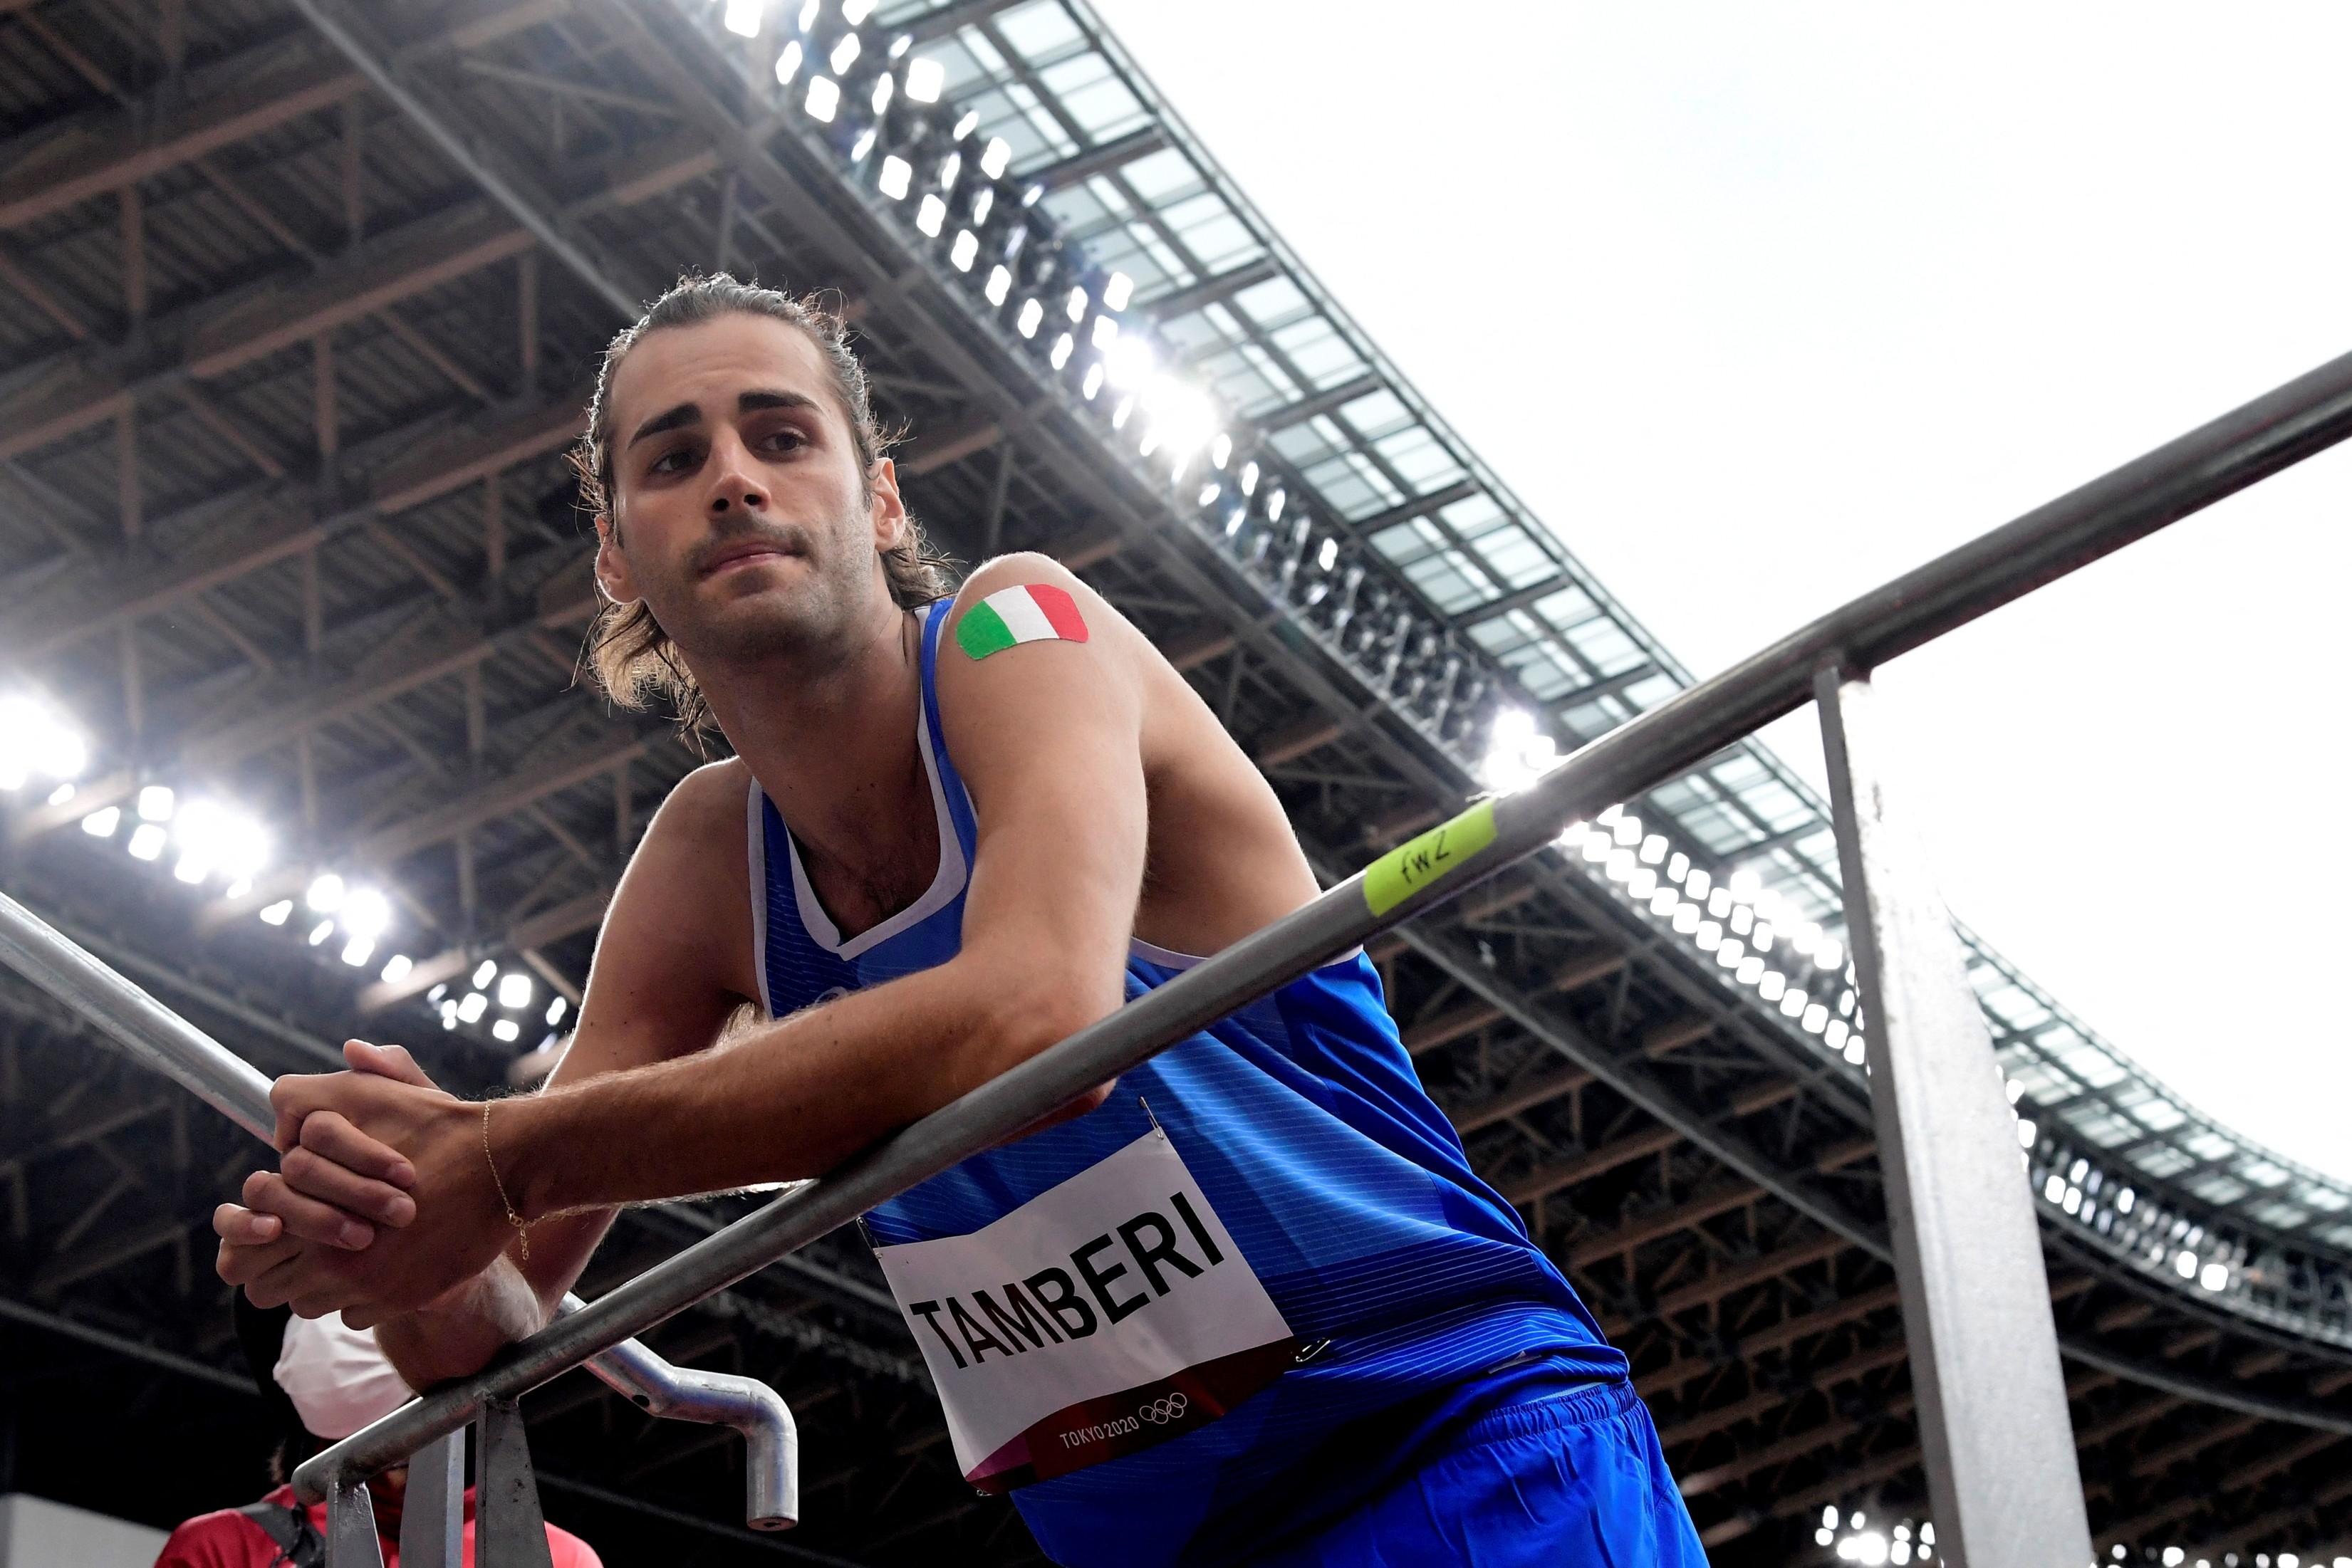 Storico oro nel salto in alto a Tokyo 2020. Dopo un periodo complicato, tormentato dagli infortuni, Gianmarco Tamberi, con una gara quasi perfetta, vince la medaglia pi&ugrave; preziosa. Percorso netto, senza errori fino a 2.37, proprio come Mutaz Essa Barshim. Entrambi falliscono i tre salti a 2.39 e decidono per la vittoria ex-aequo. Medaglia d&rsquo;oro numero 3 per l&#39;Italia a questi Giochi ed grande soddisfazione per Tamberi.<br /><br />